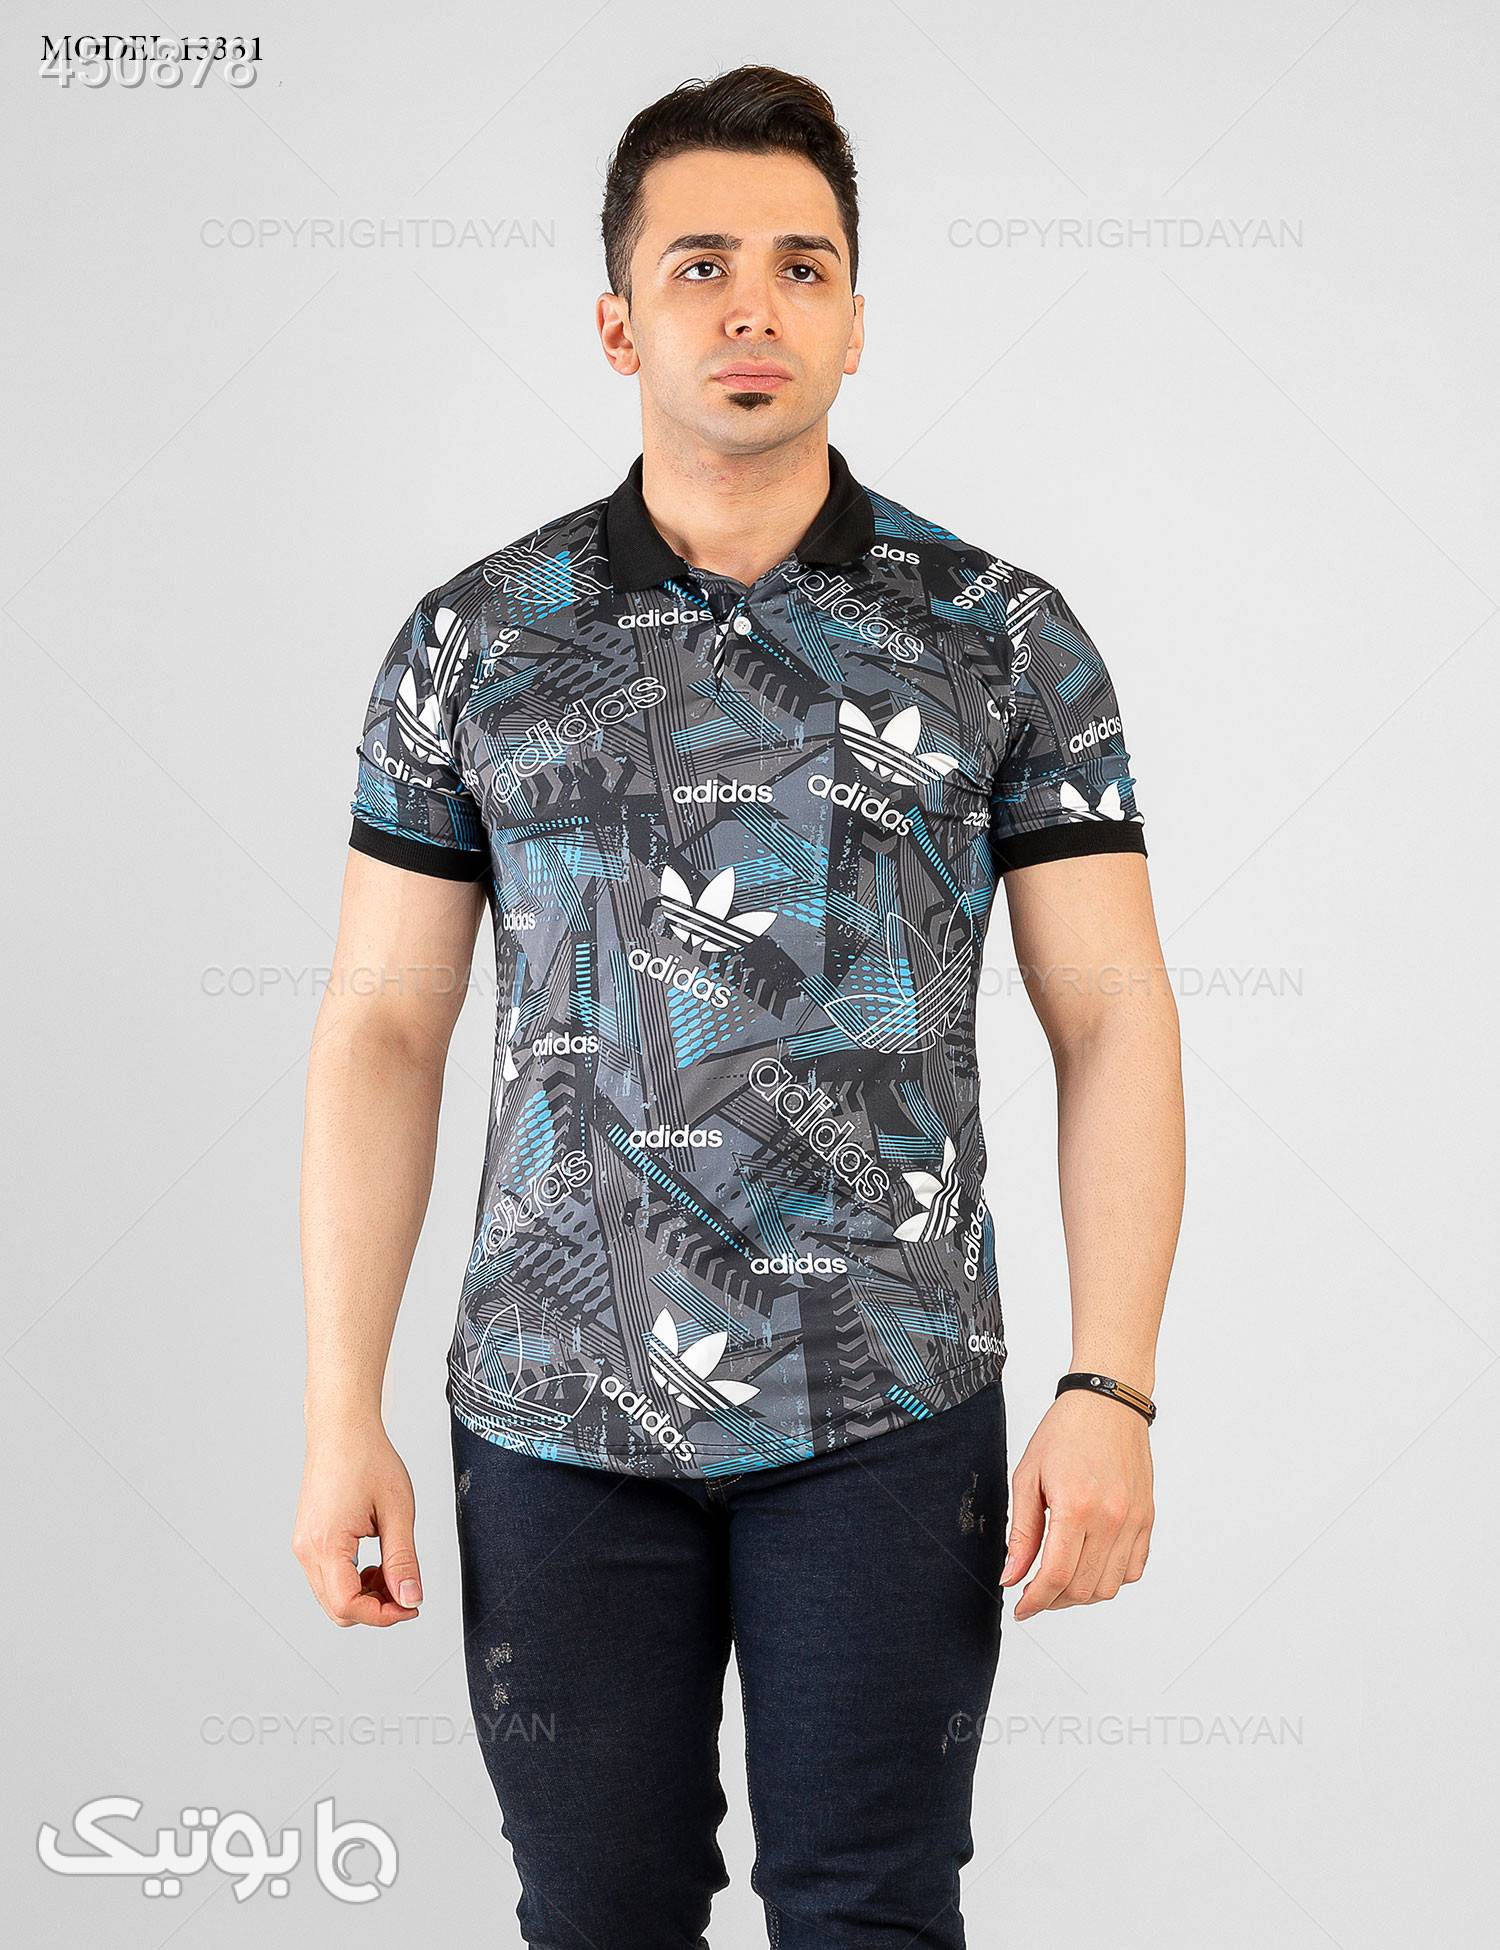 پولوشرت مردانه Adidas مدل 13331 مشکی تی شرت و پولو شرت مردانه